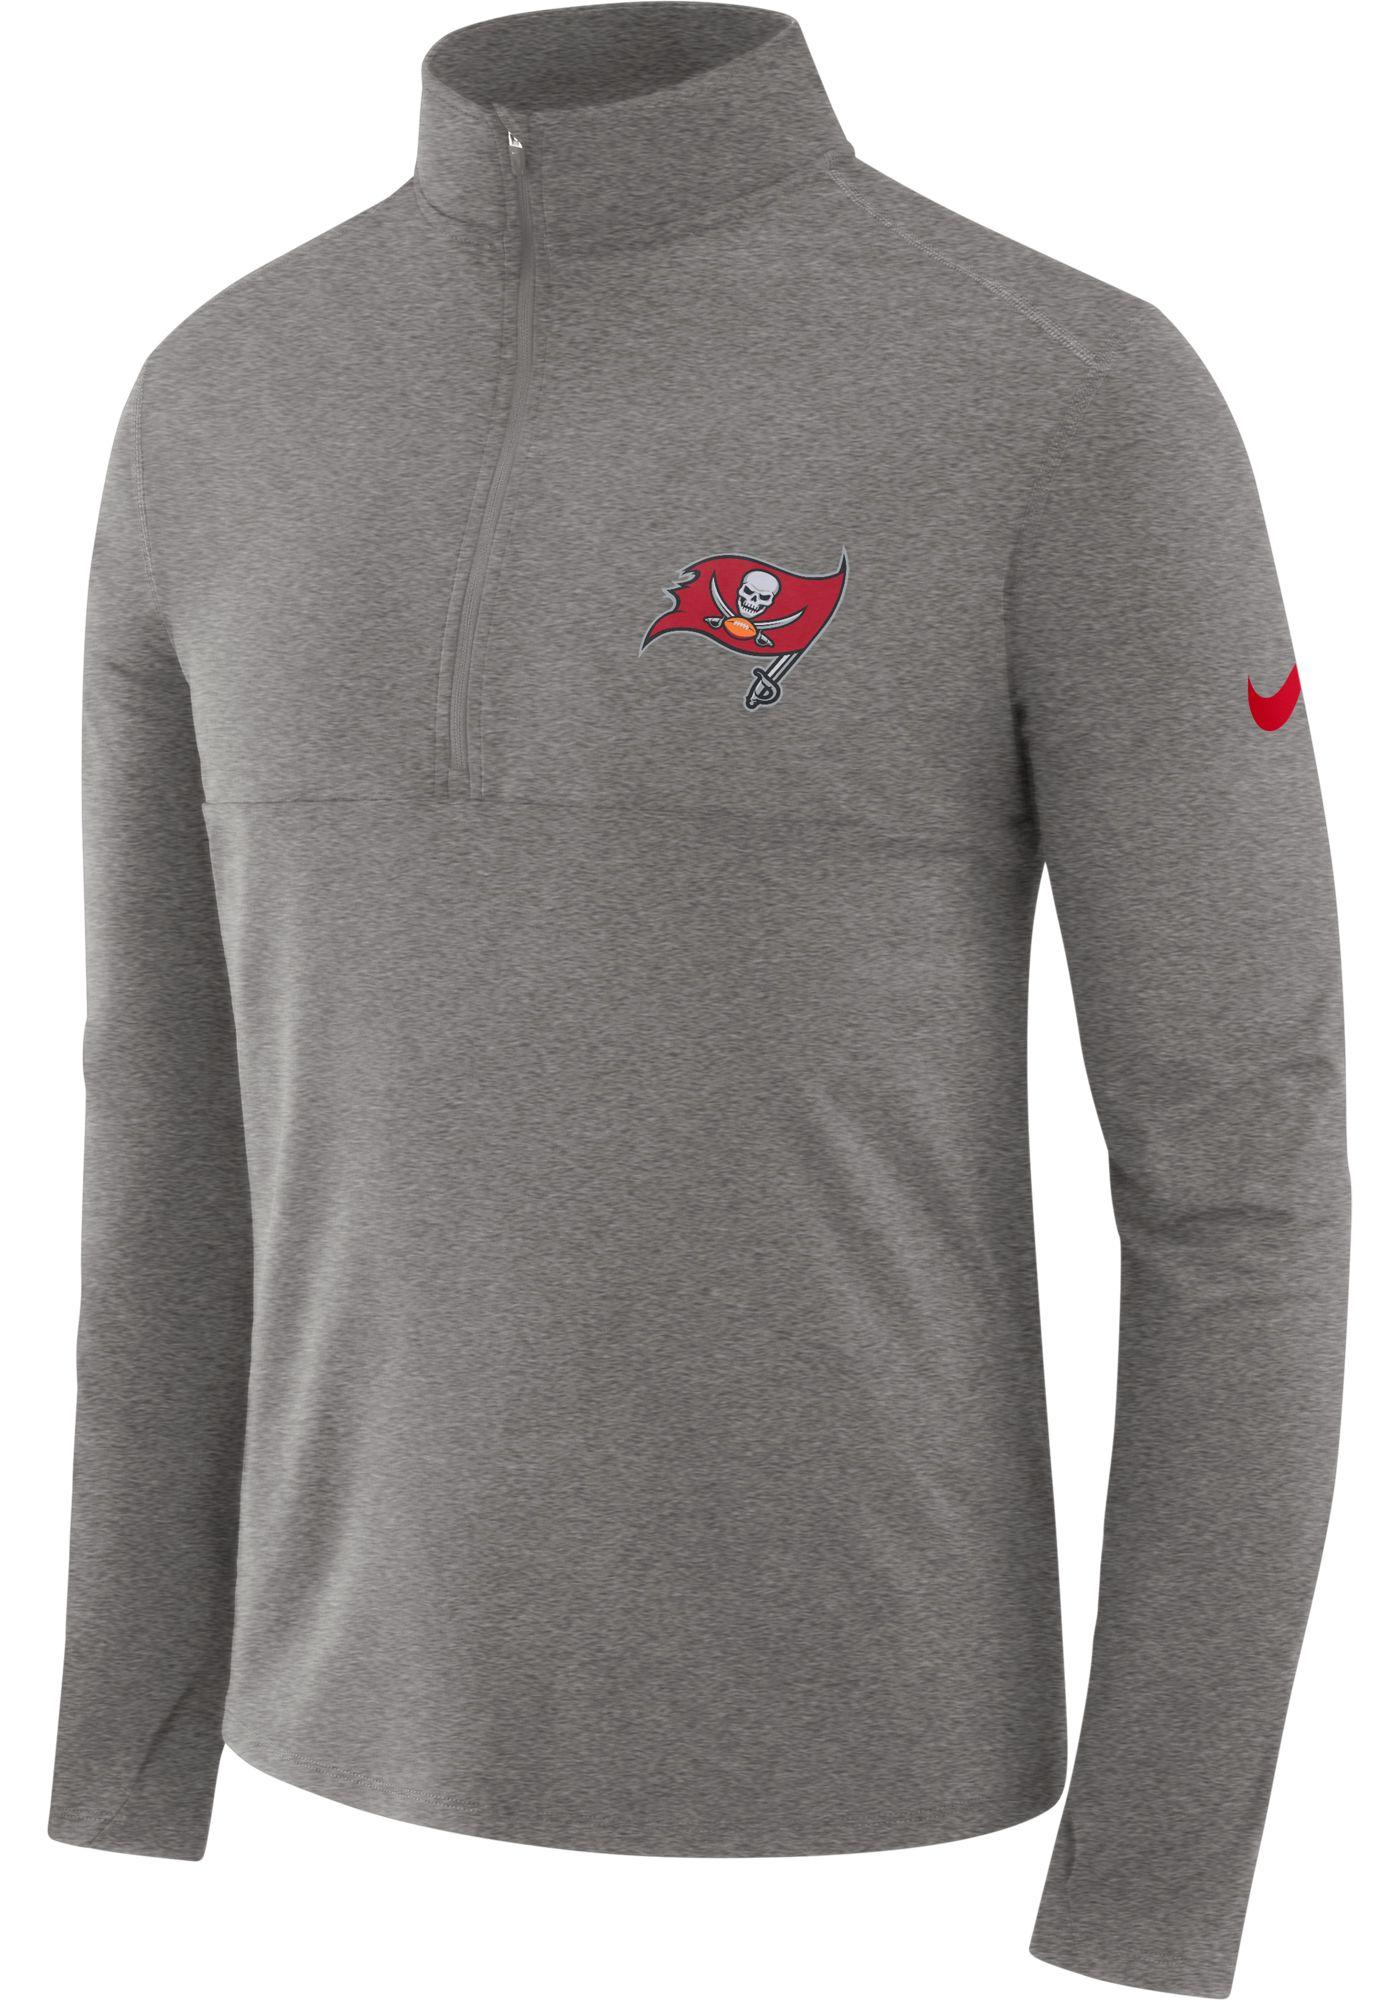 Nike Men's Tampa Bay Buccaneers Core Grey Half-Zip Performance Pullover